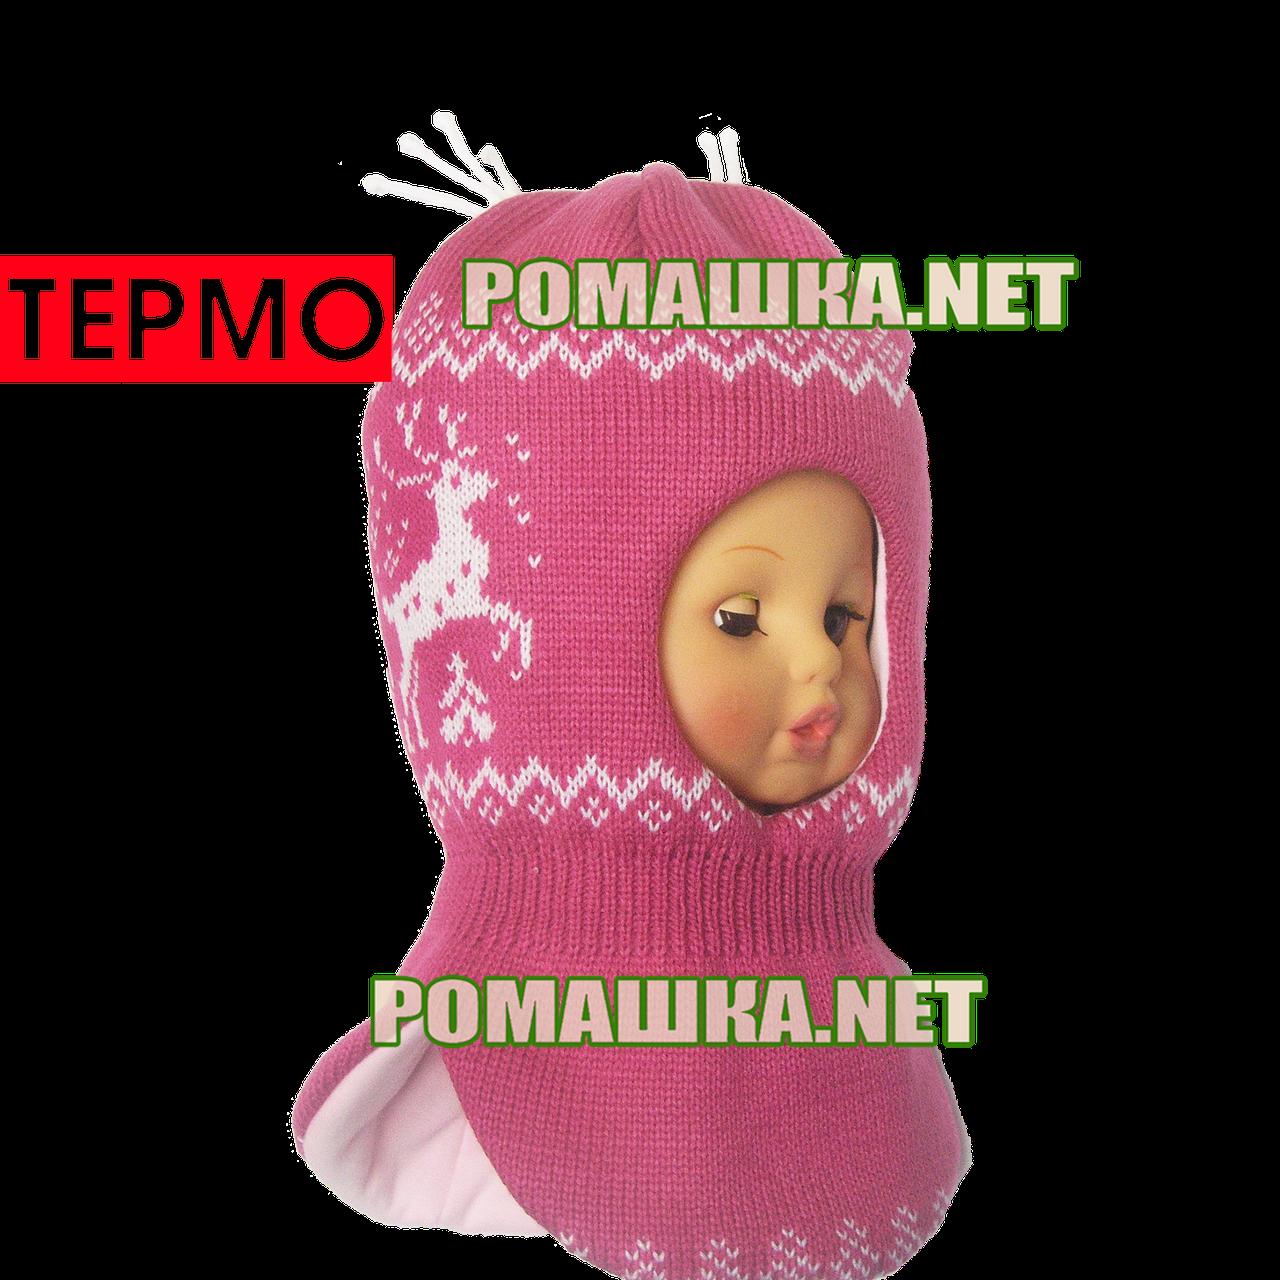 Детская зимняя ТЕРМО шапка-шлем (капор) р 50-52 верх 50% шерсть 50% акрил подкладка 95% хлопок 3233 Розовый 52